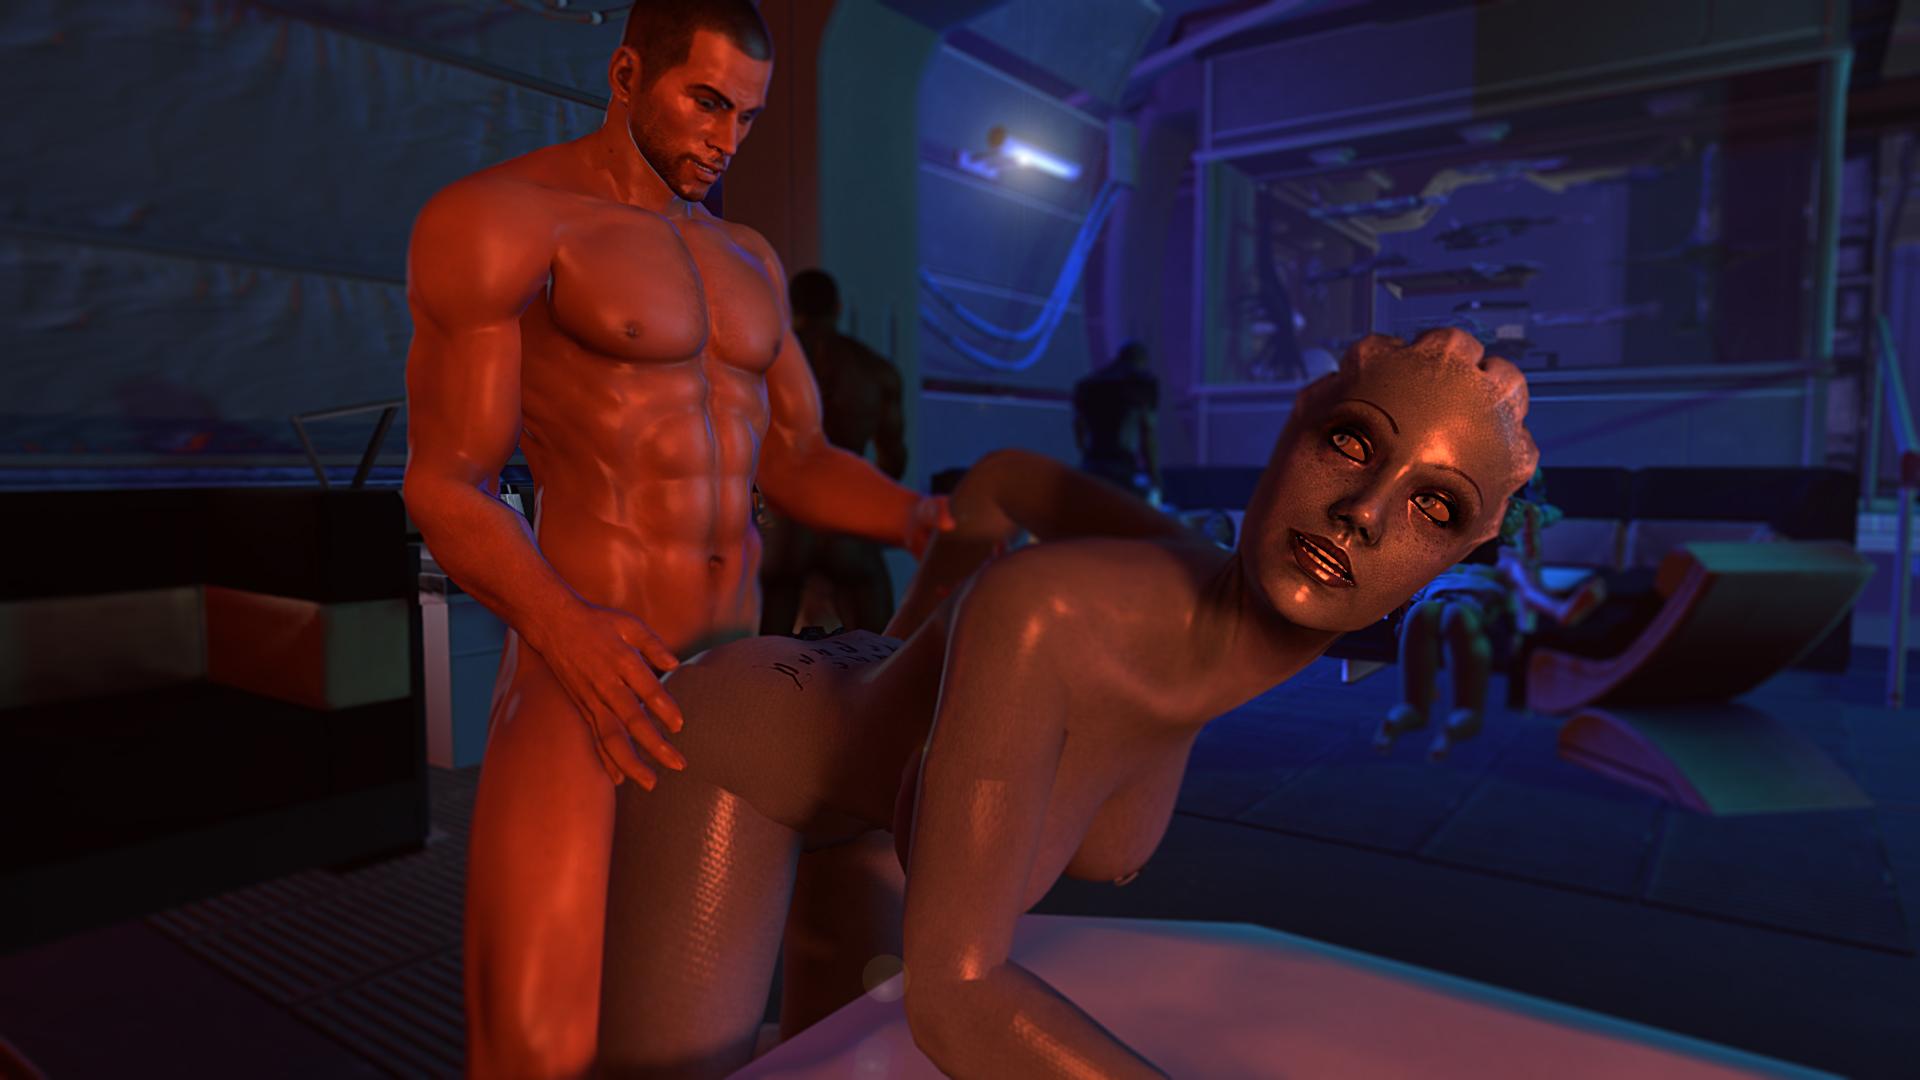 Великолепная идея секс масс эффект можно!))) ти